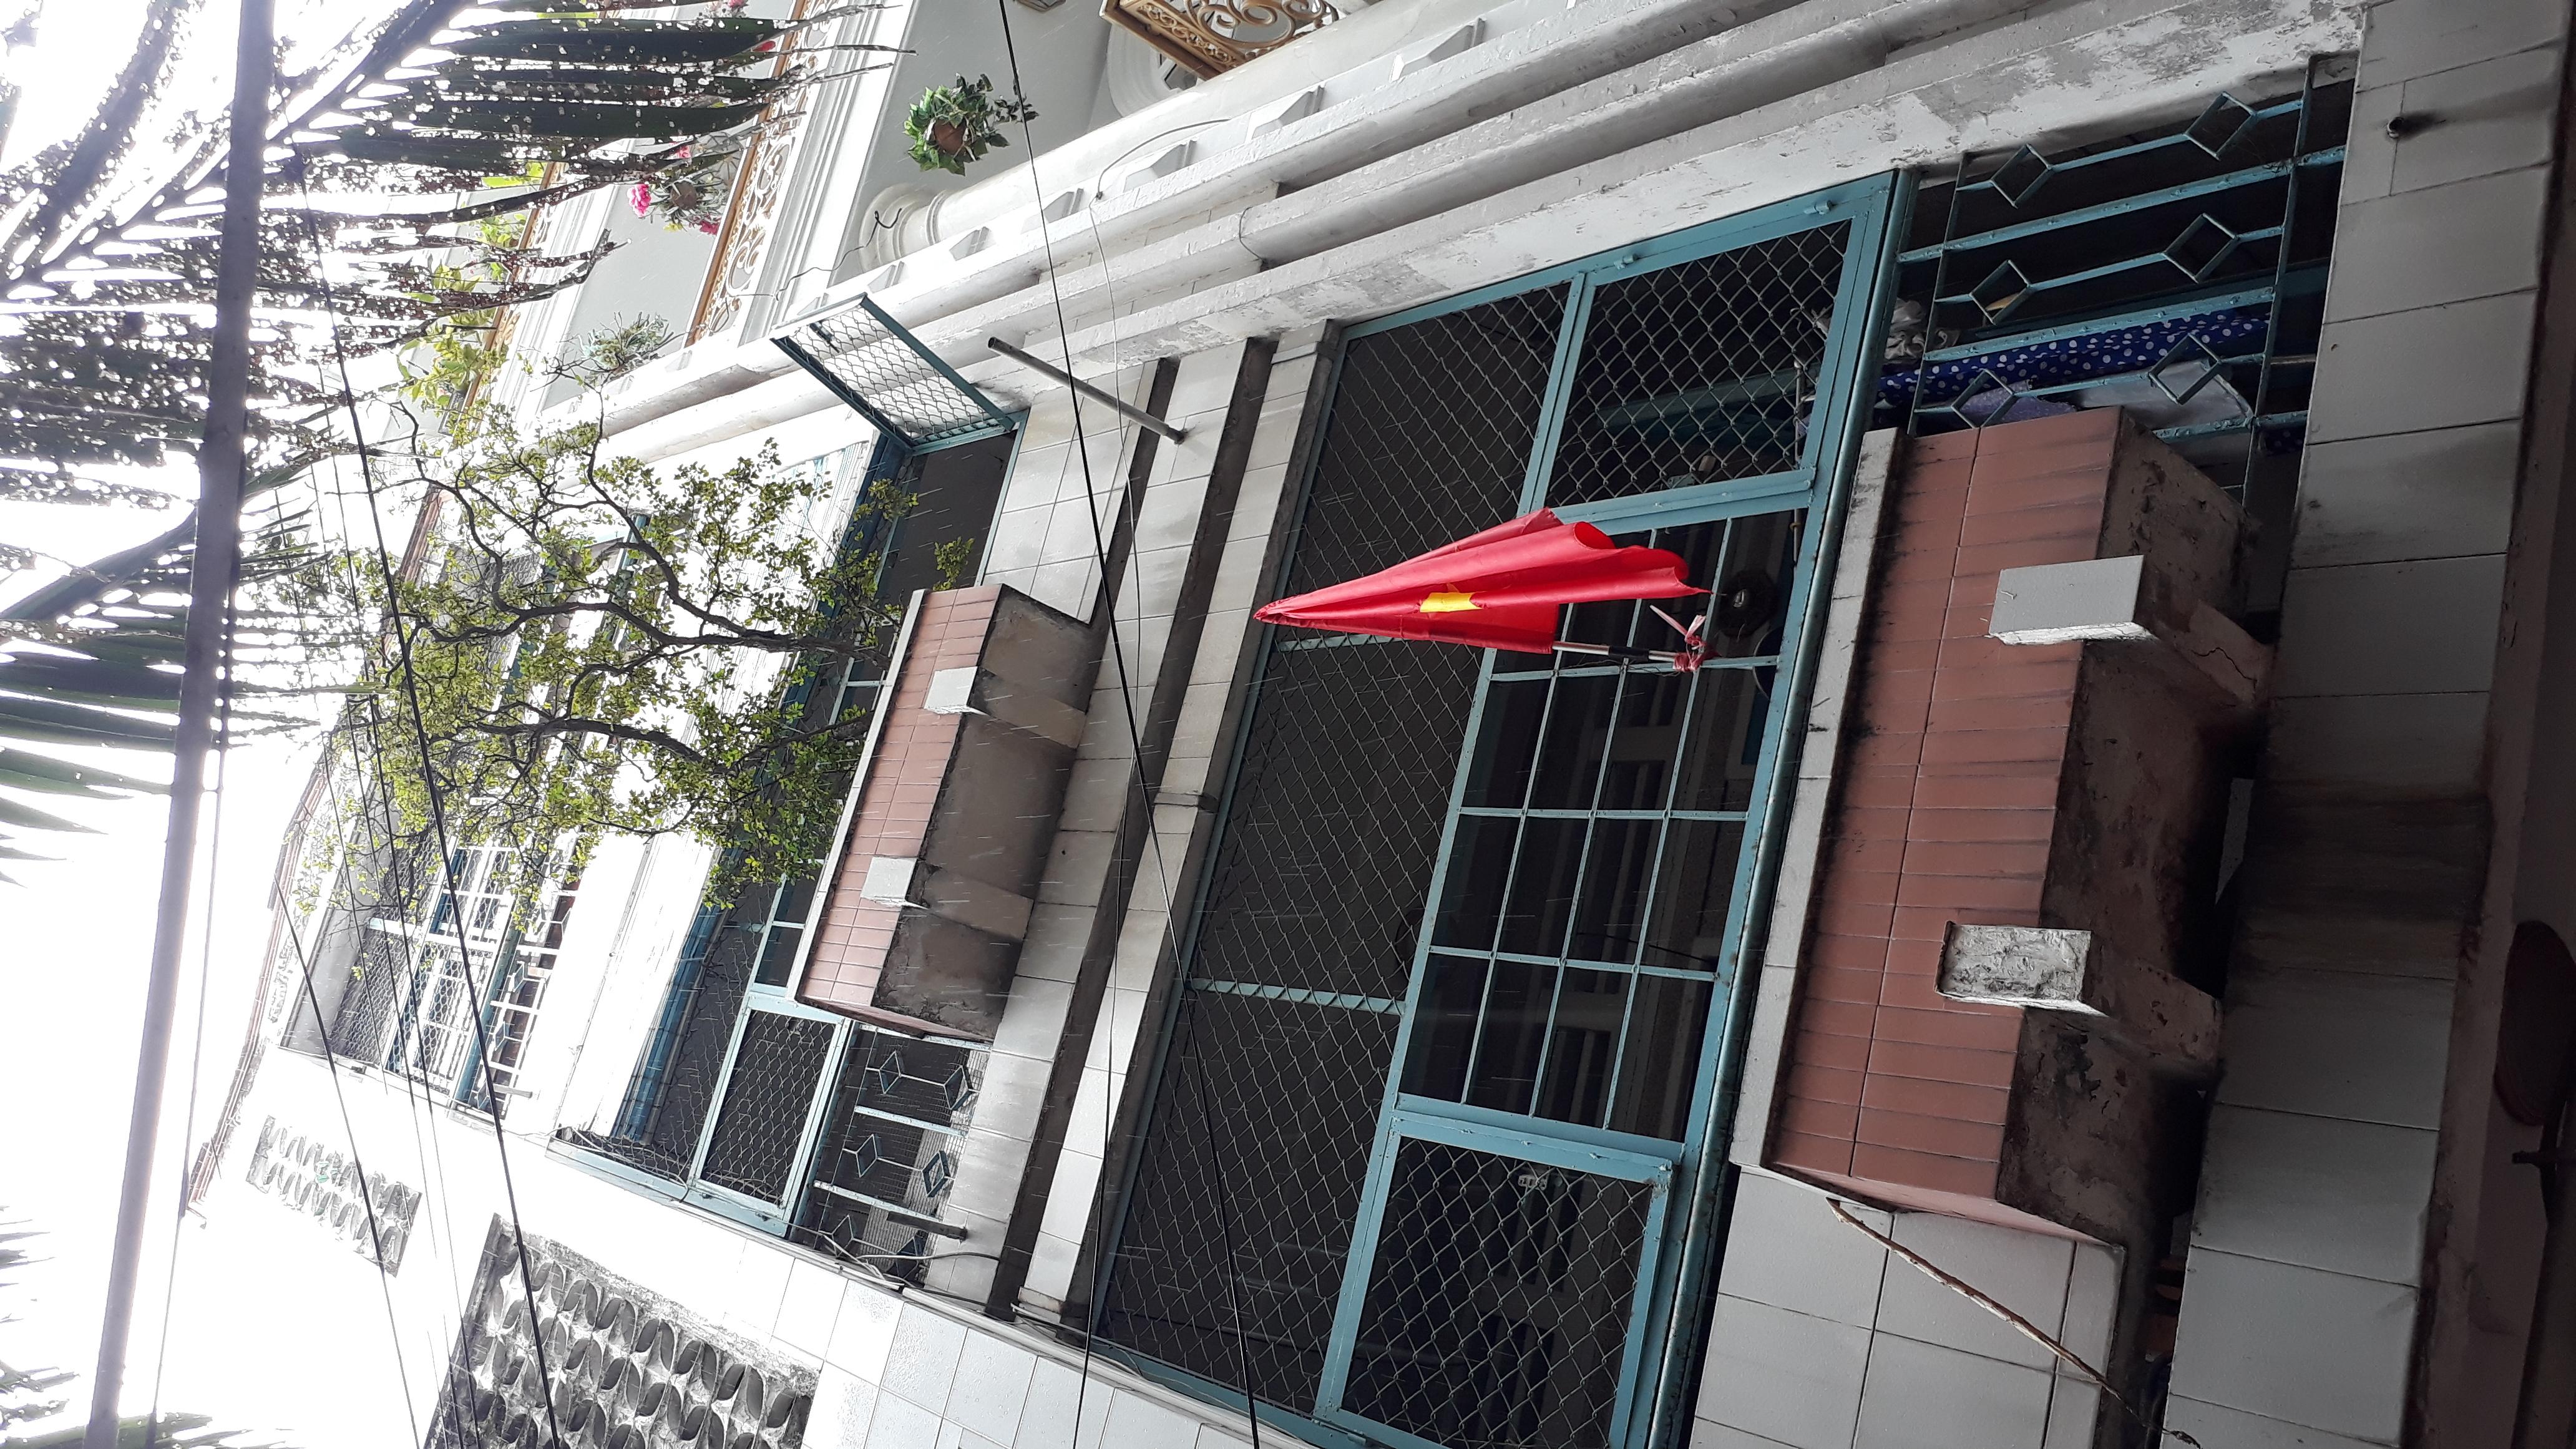 Bán nhà An Dương Vương Quận 5 đối diện chợ An Đông và An Đông Plaza